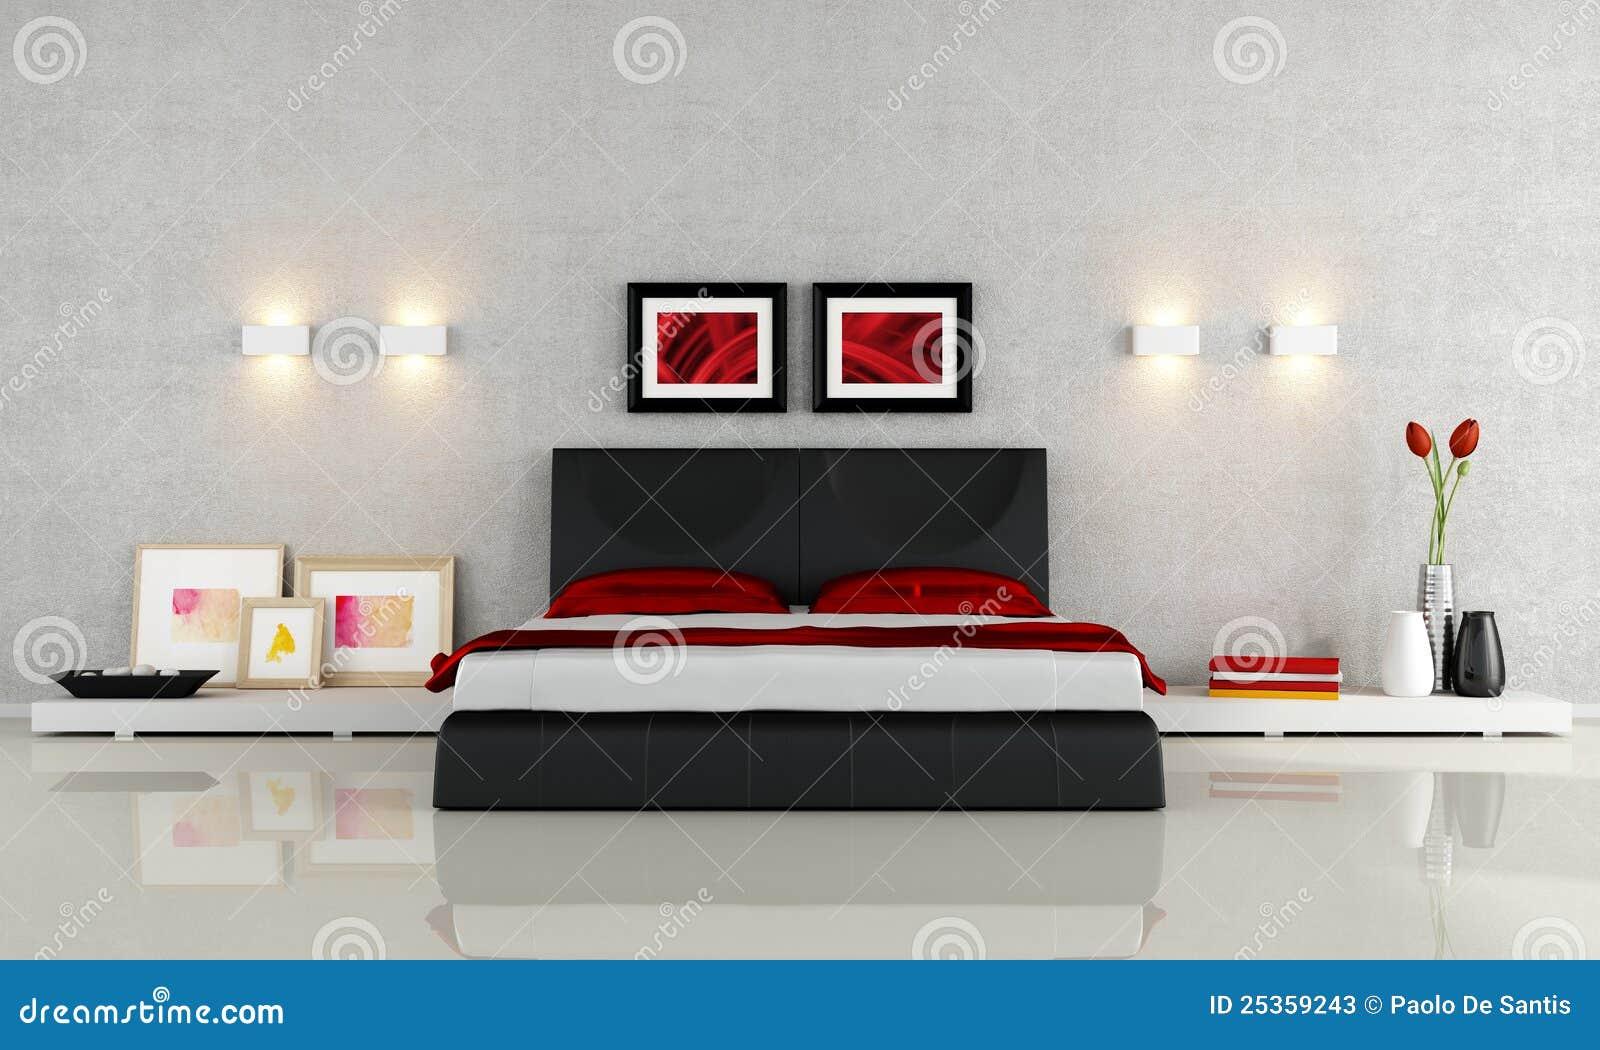 Modele chambre gris et rouge for Chambre a coucher gris et noir